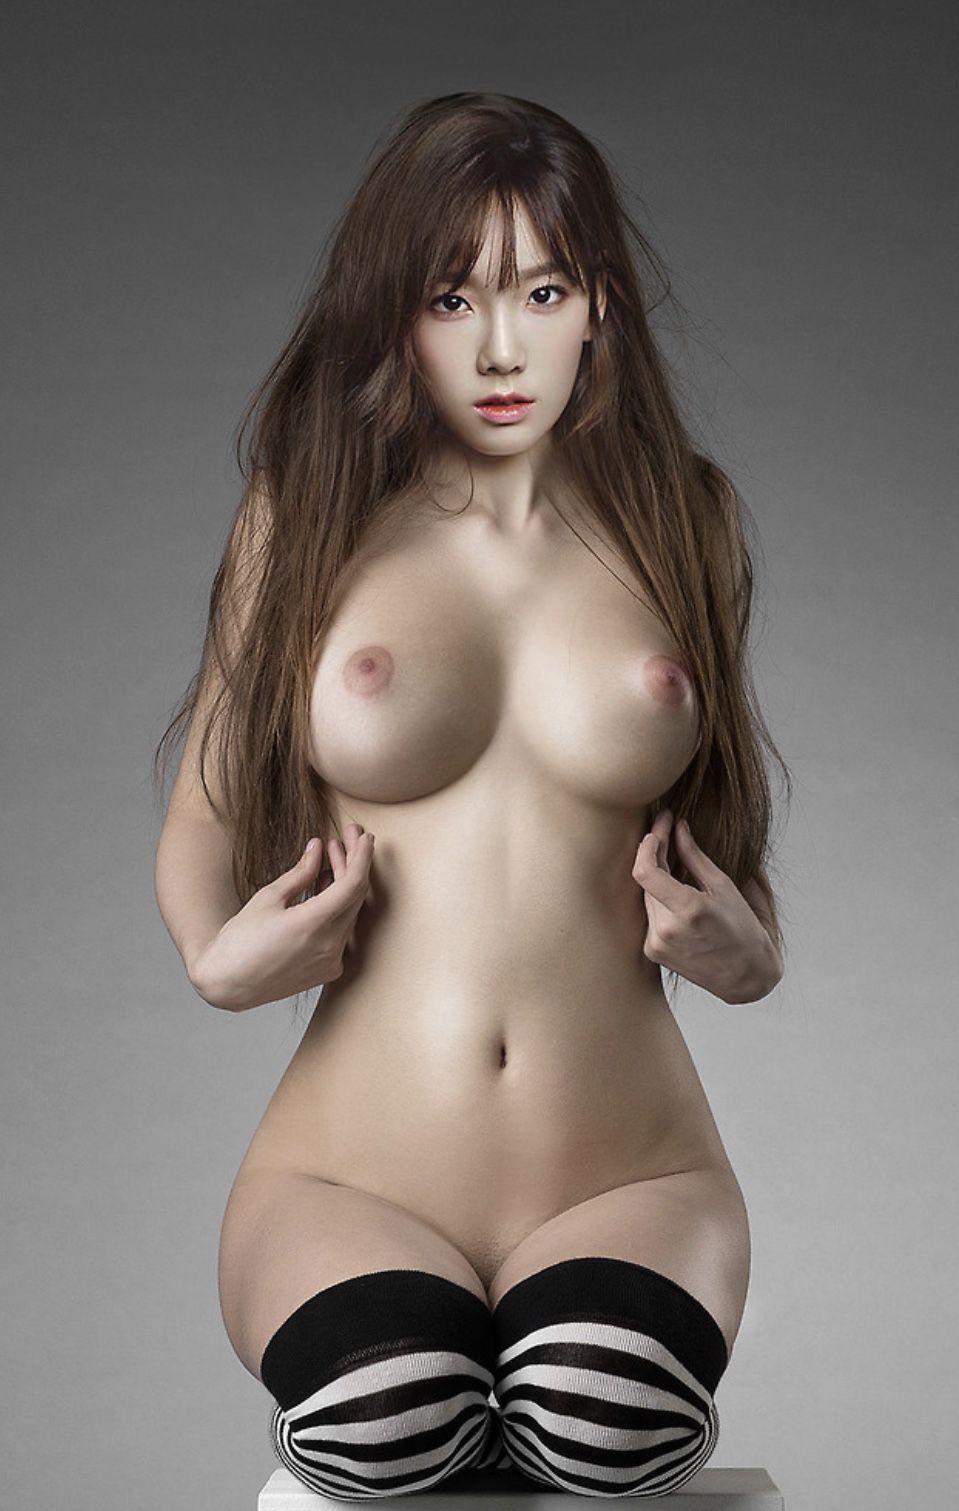 Camy dreams model